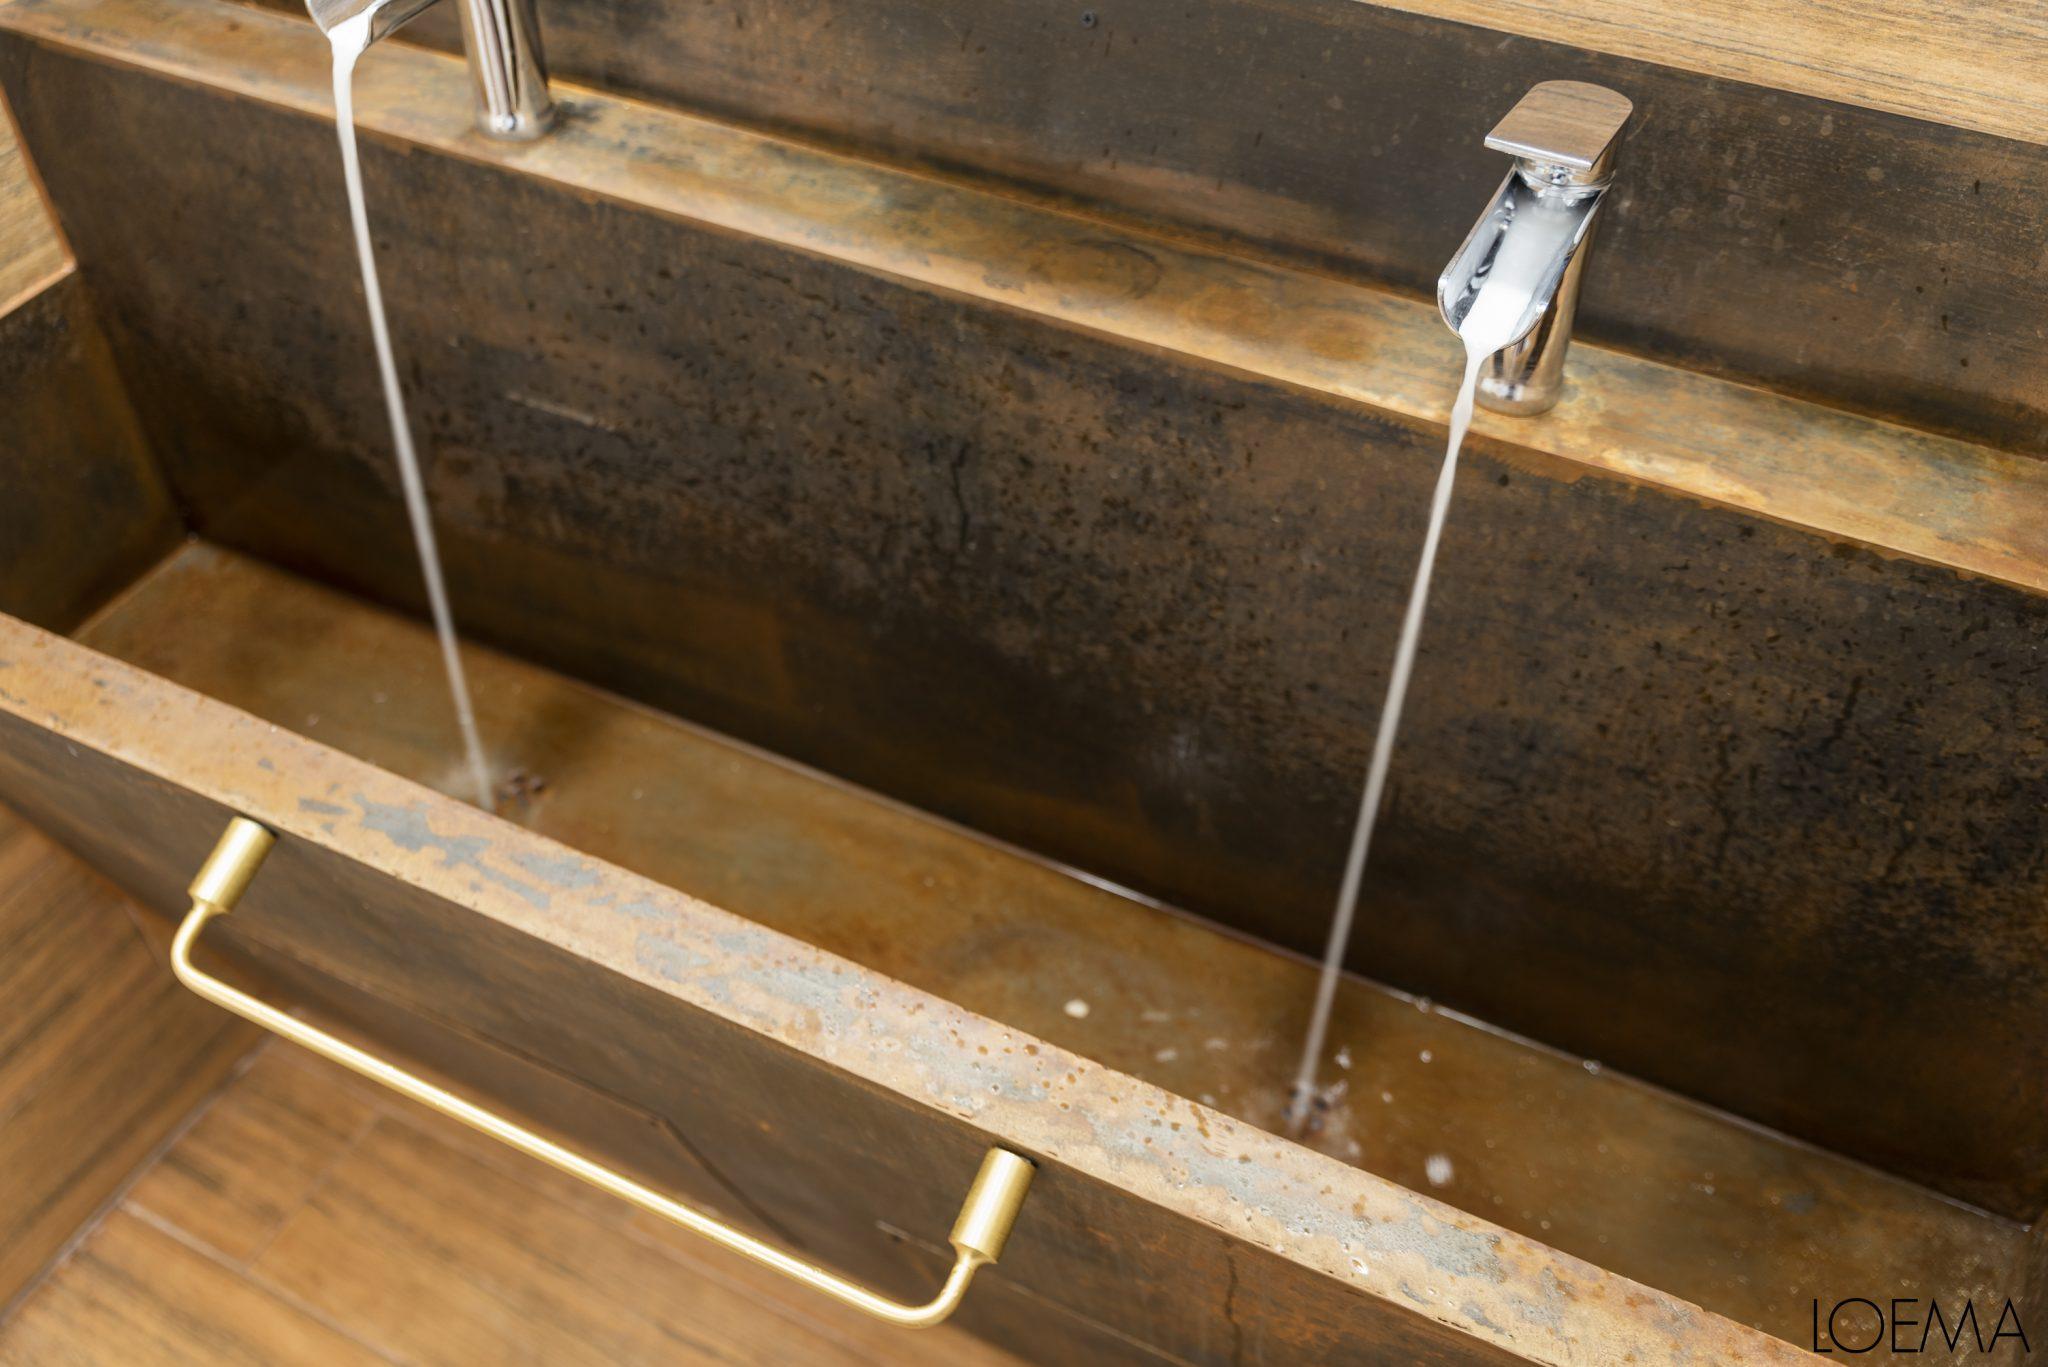 Reforma de baño | Mueble a medida con toques dorados plateados y hierro